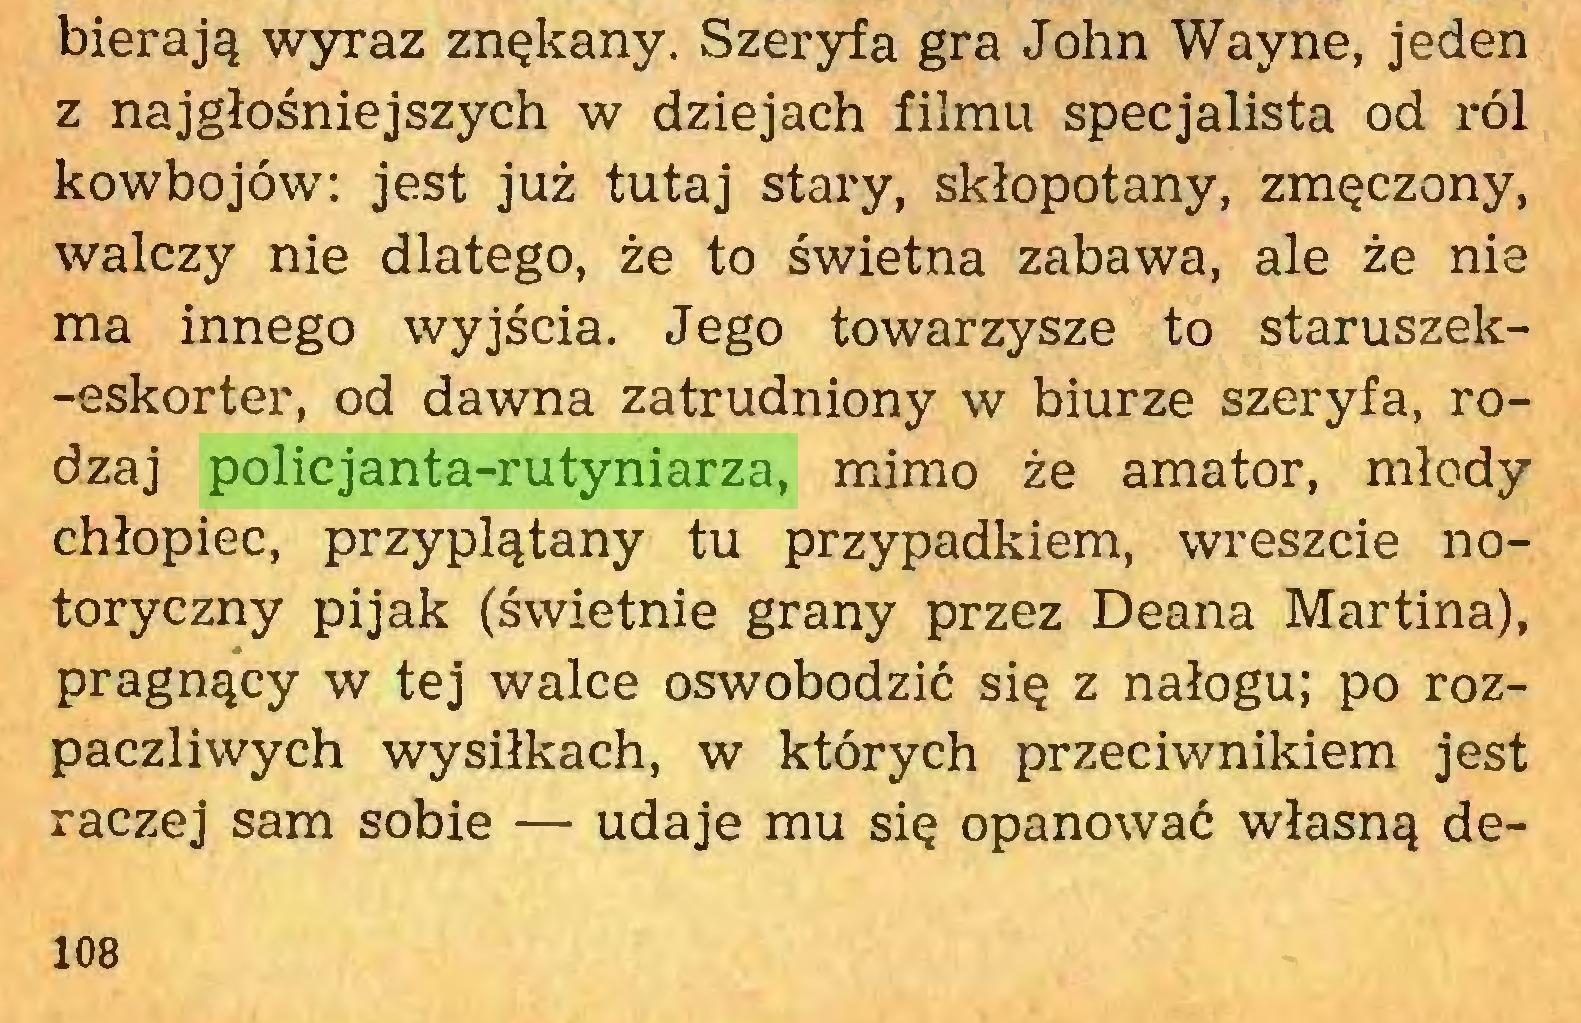 (...) bierają wyraz znękany. Szeryfa gra John Wayne, jeden z najgłośniejszych w dziejach filmu specjalista od ról kowbojów: jest już tutaj stary, skłopotany, zmęczony, walczy nie dlatego, że to świetna zabawa, ale że nie ma innego wyjścia. Jego towarzysze to staruszek-eskorter, od dawna zatrudniony w biurze szeryfa, rodzaj policjanta-rutyniarza, mimo że amator, młody chłopiec, przyplątany tu przypadkiem, wreszcie notoryczny pijak (świetnie grany przez Deana Martina), pragnący w tej walce oswobodzić się z nałogu; po rozpaczliwych wysiłkach, w których przeciwnikiem jest raczej sam sobie — udaje mu się opanować własną de108...